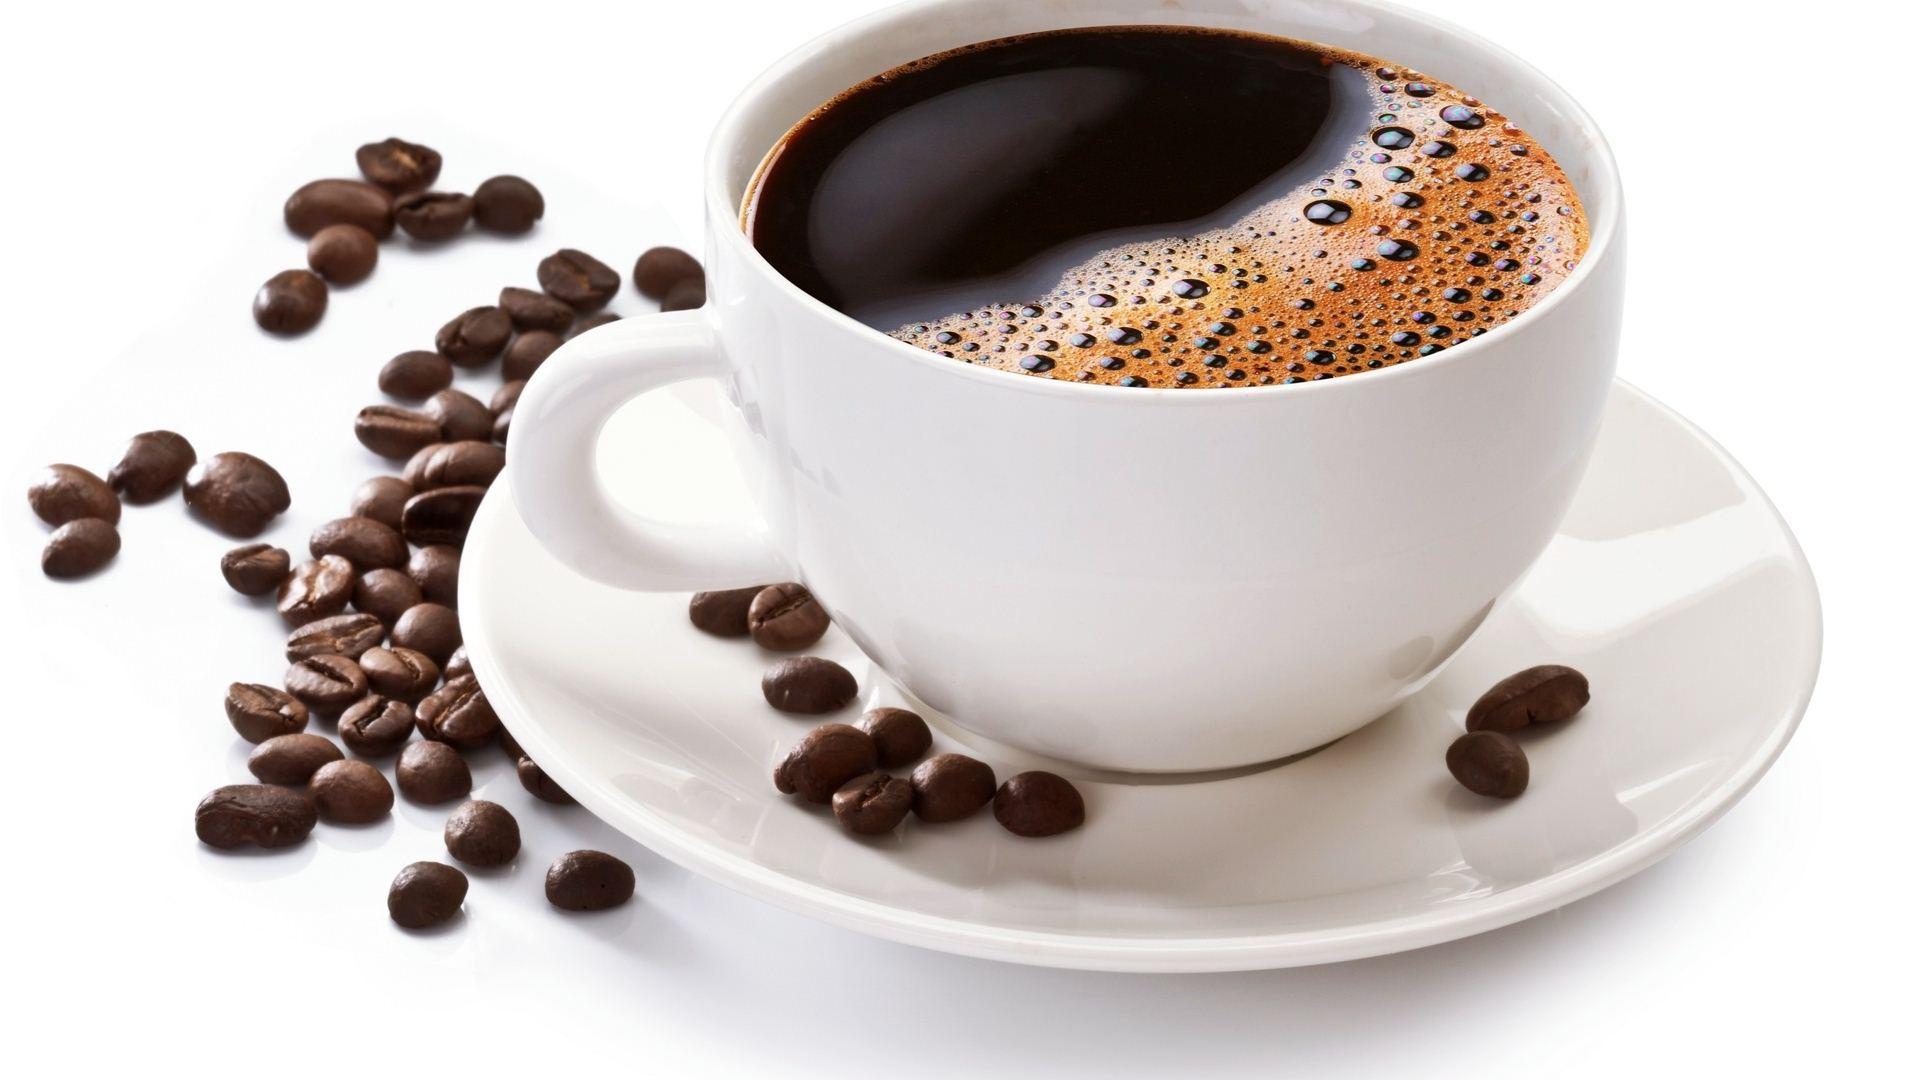 criza de cafea